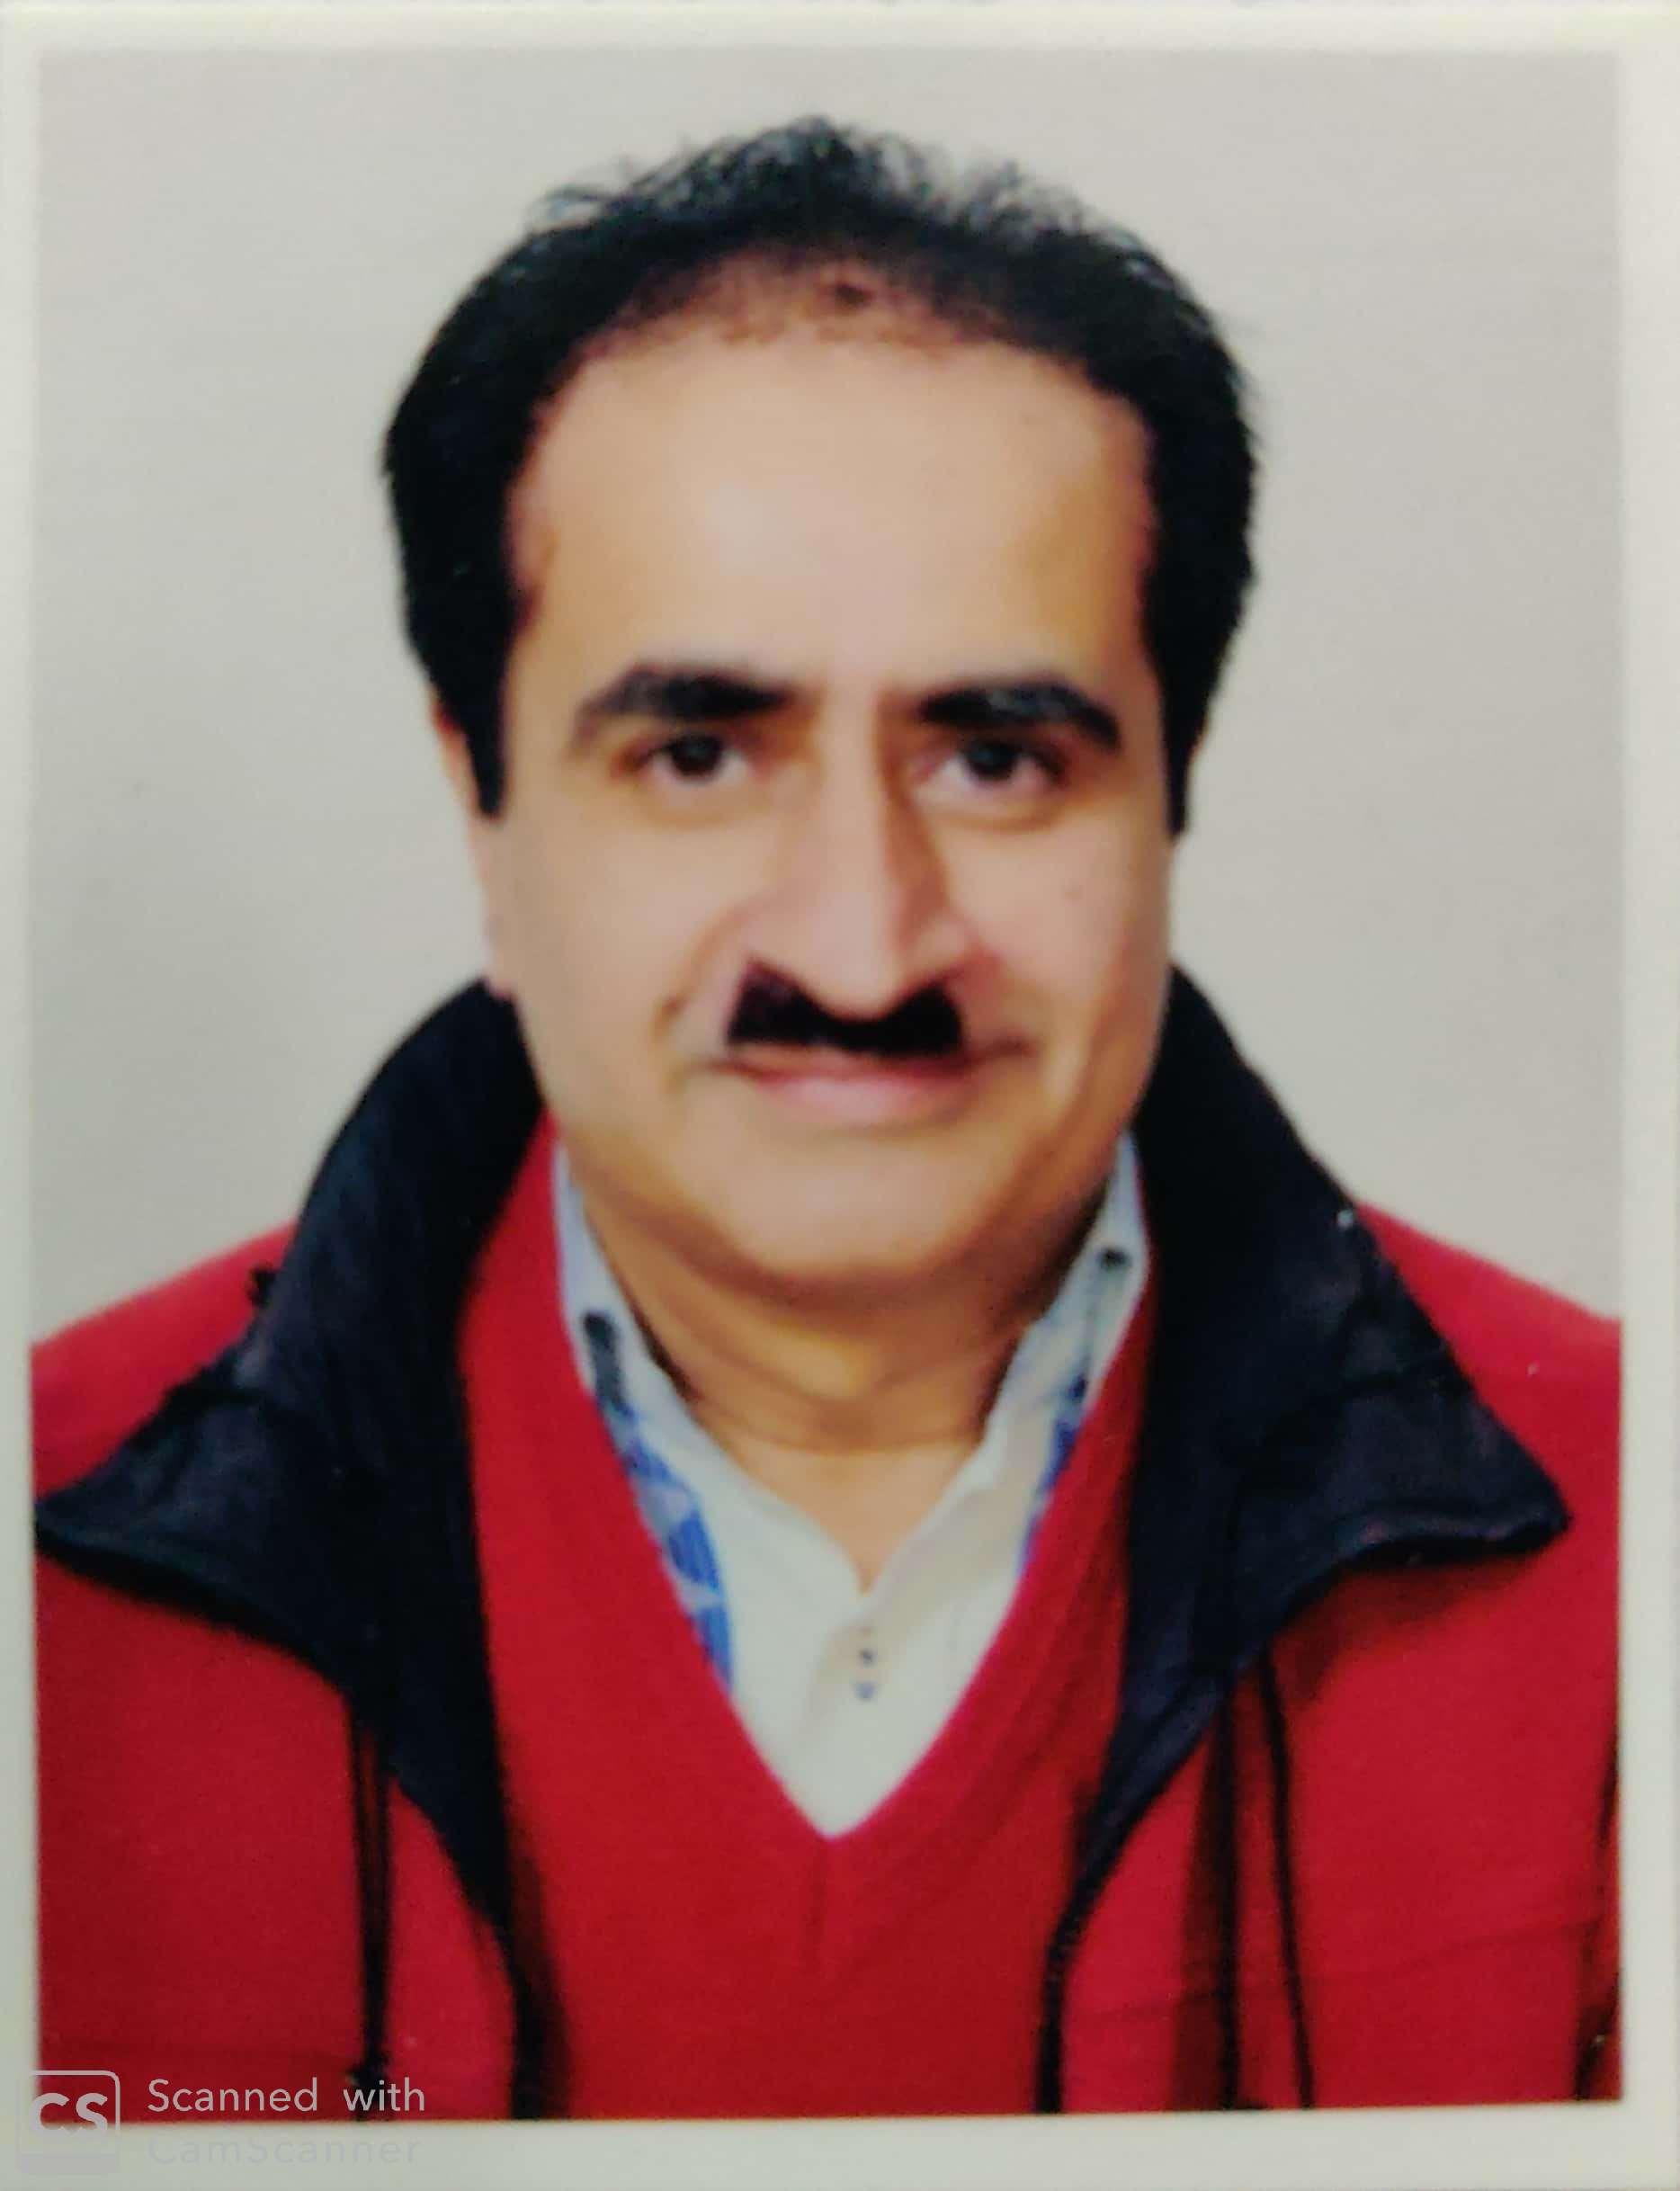 Dr. Vaneet Nagpal